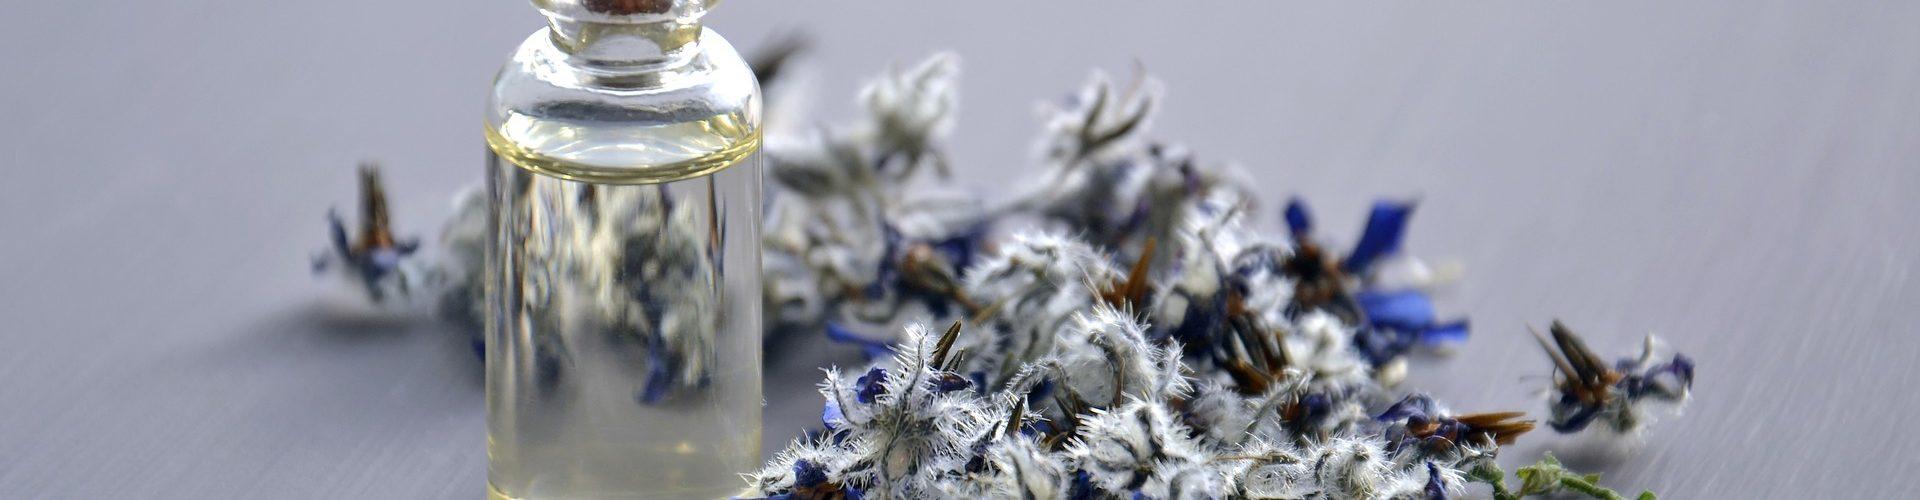 Therapeutische ätherische Öle für deine Gesundheit